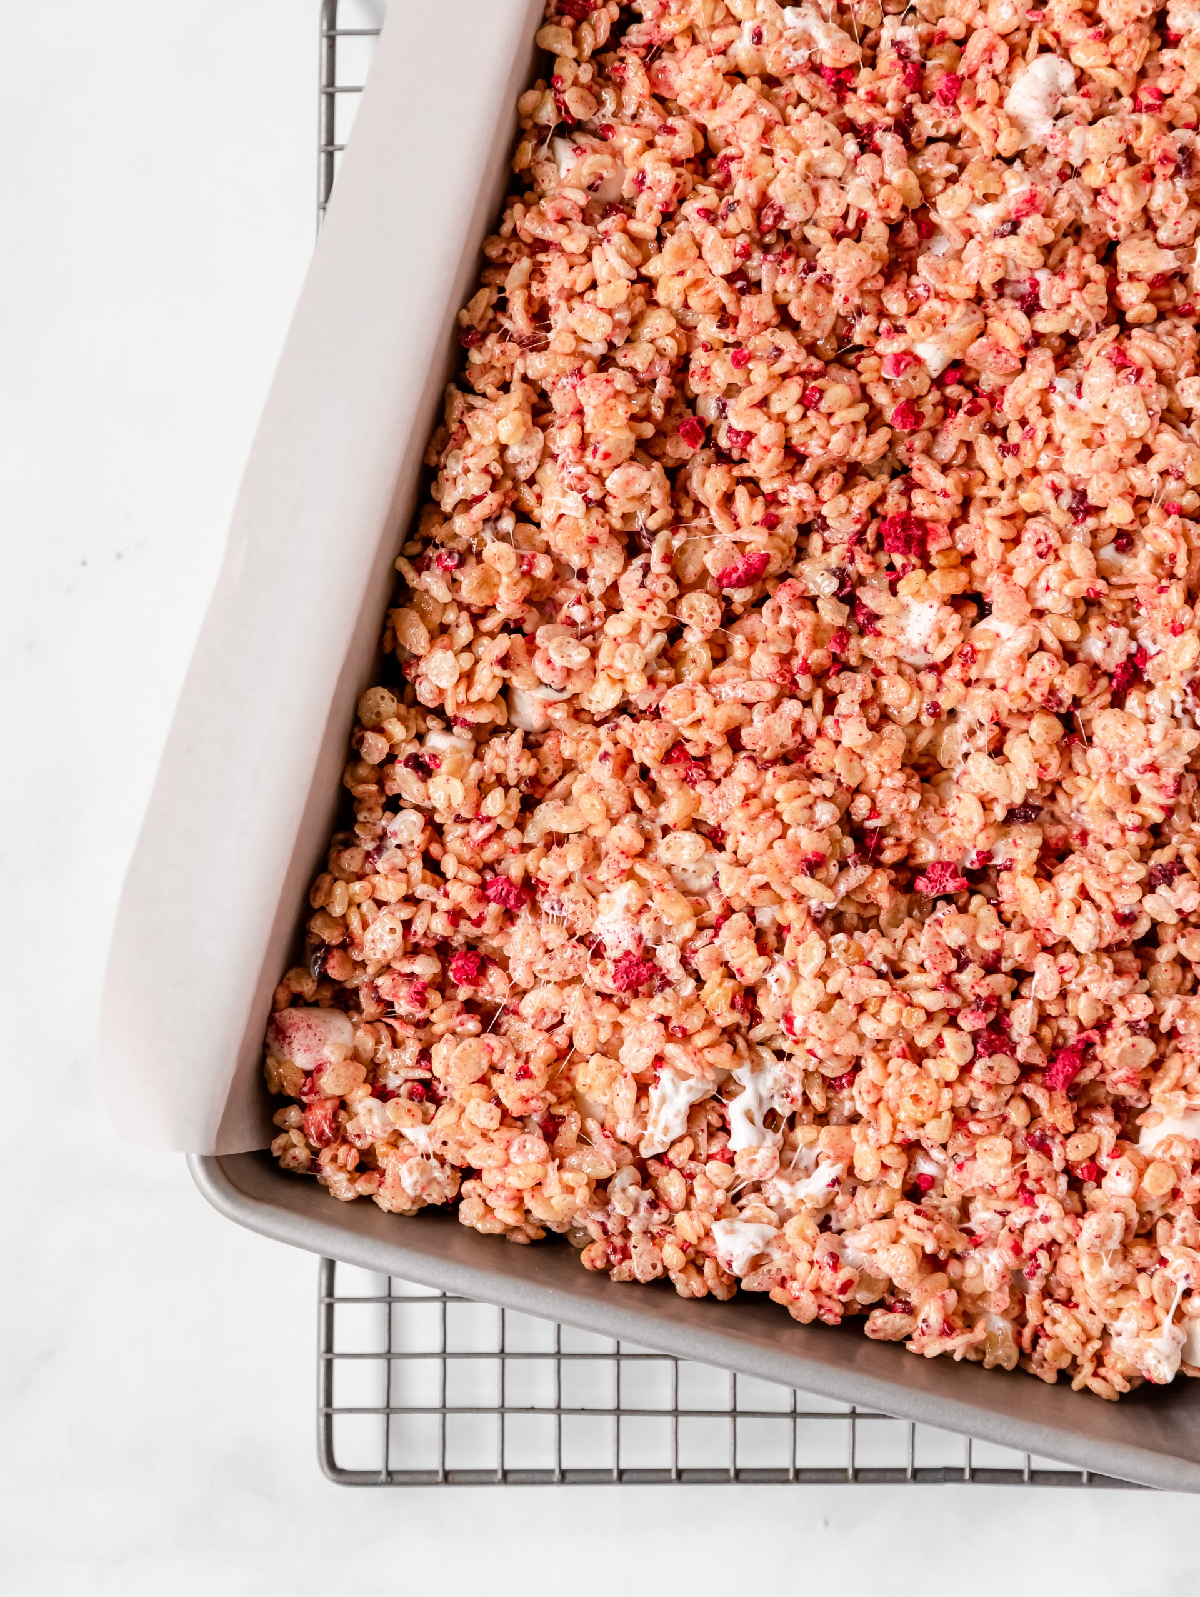 raspberry marshmallow treats